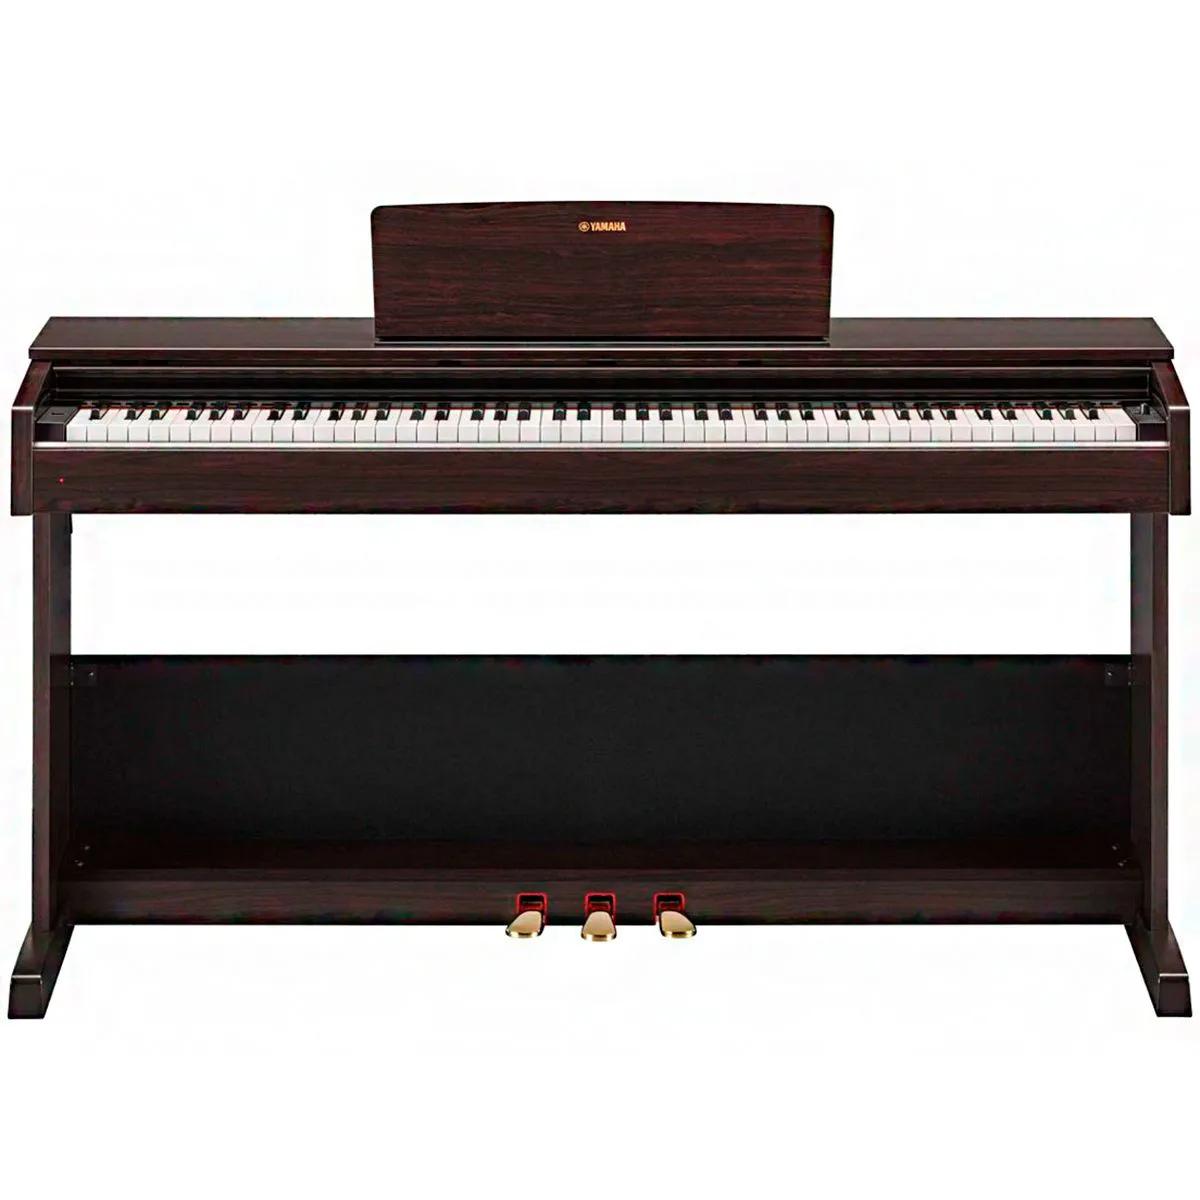 Piano Digital Yamaha Arius YDP103 USB 88 Teclas com Estante Marrom